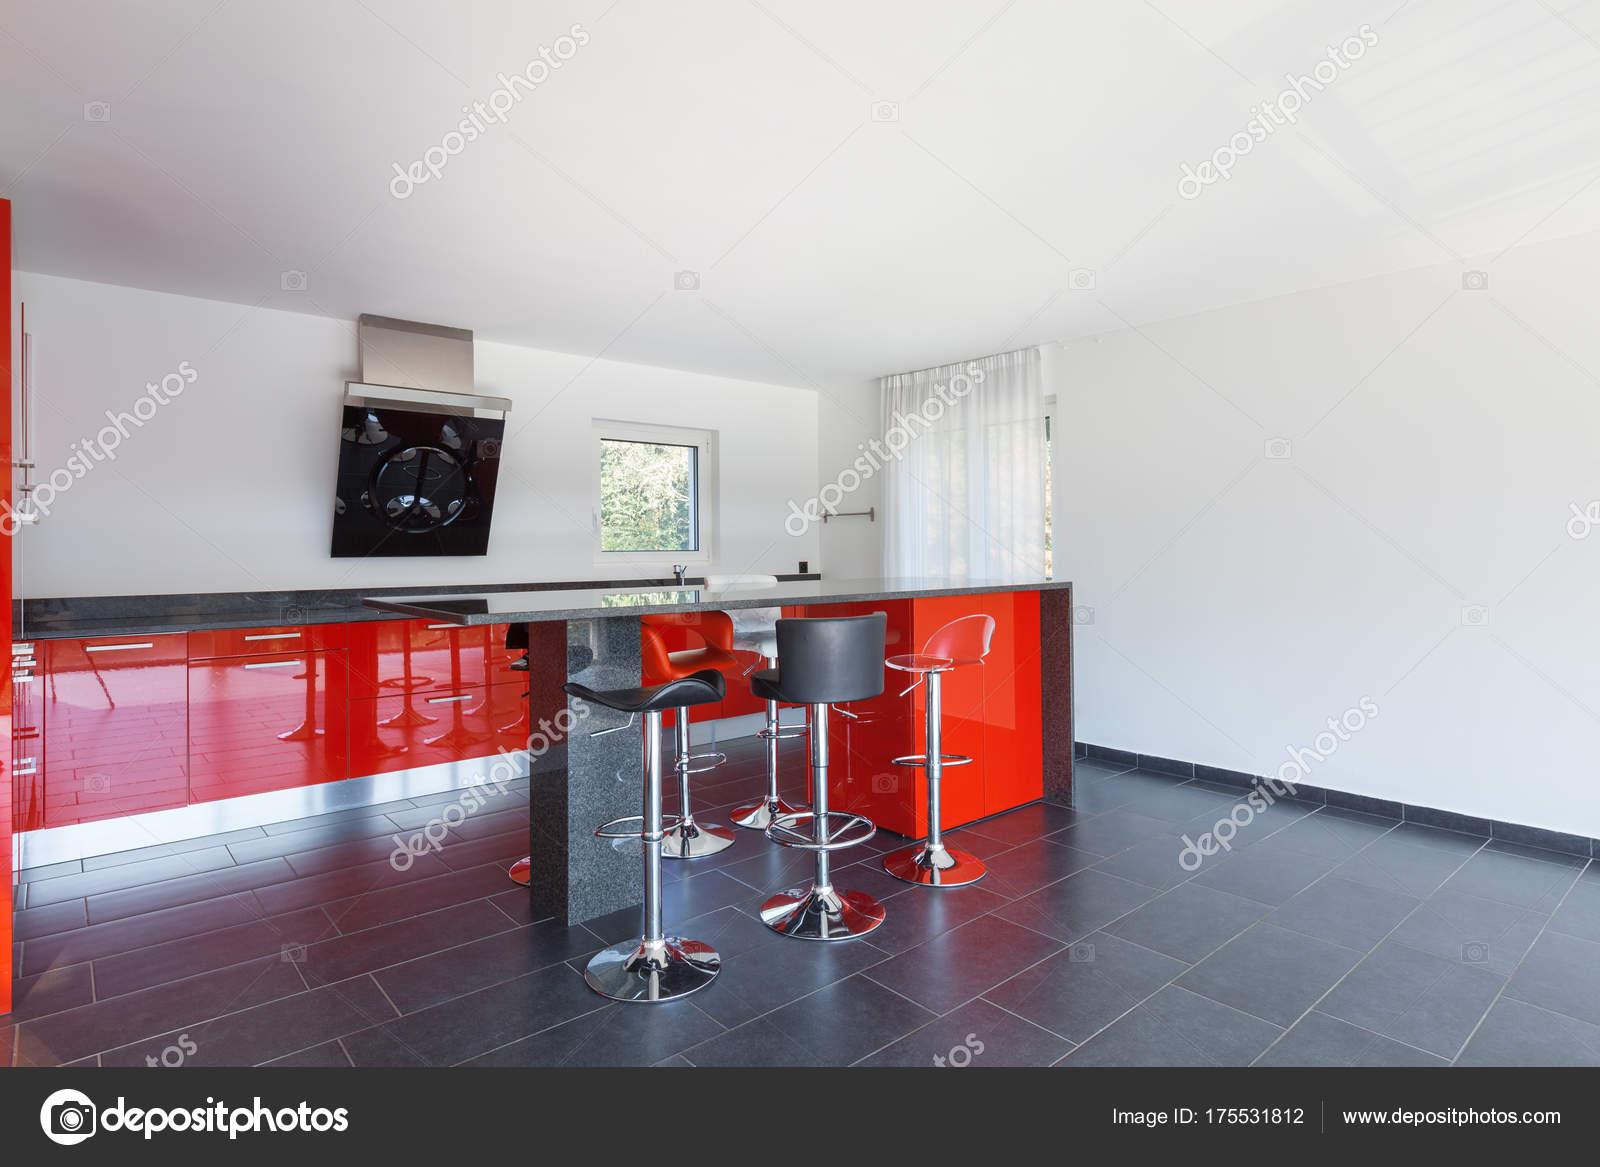 Cozinha Vazio Interior Casa Moderna Sala De Jantar Stock Photo